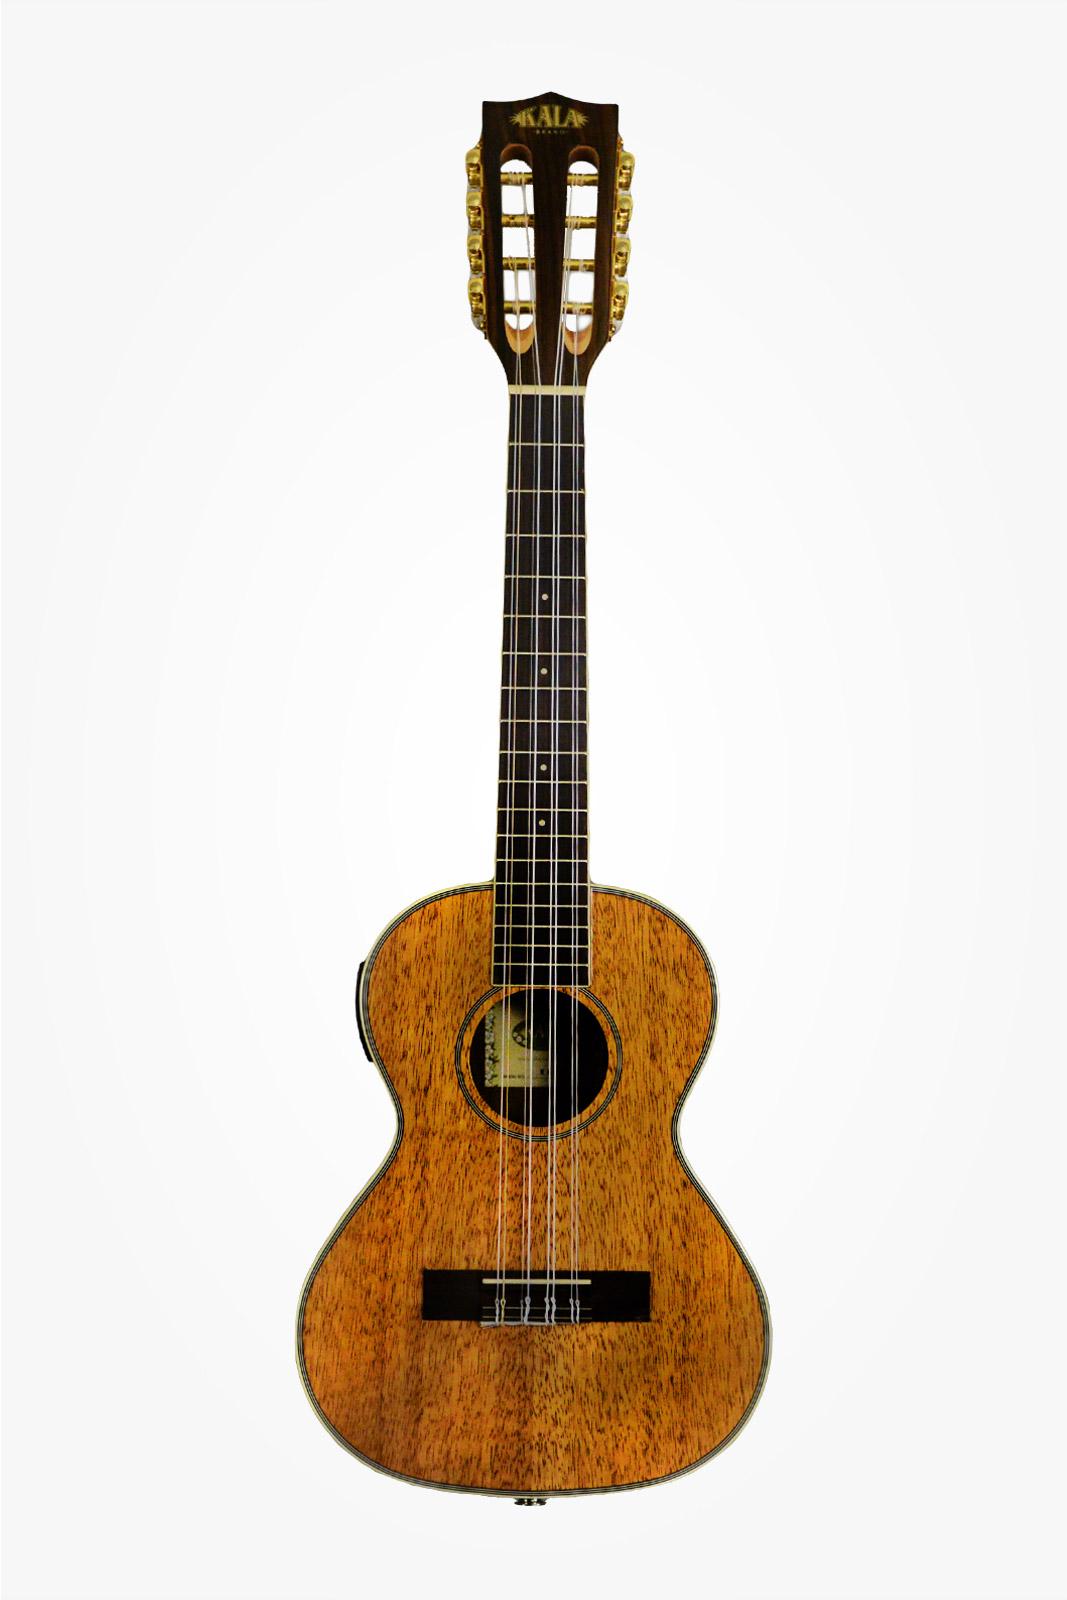 Kala Mahogany Ply 8 StringsTenor Ukulele